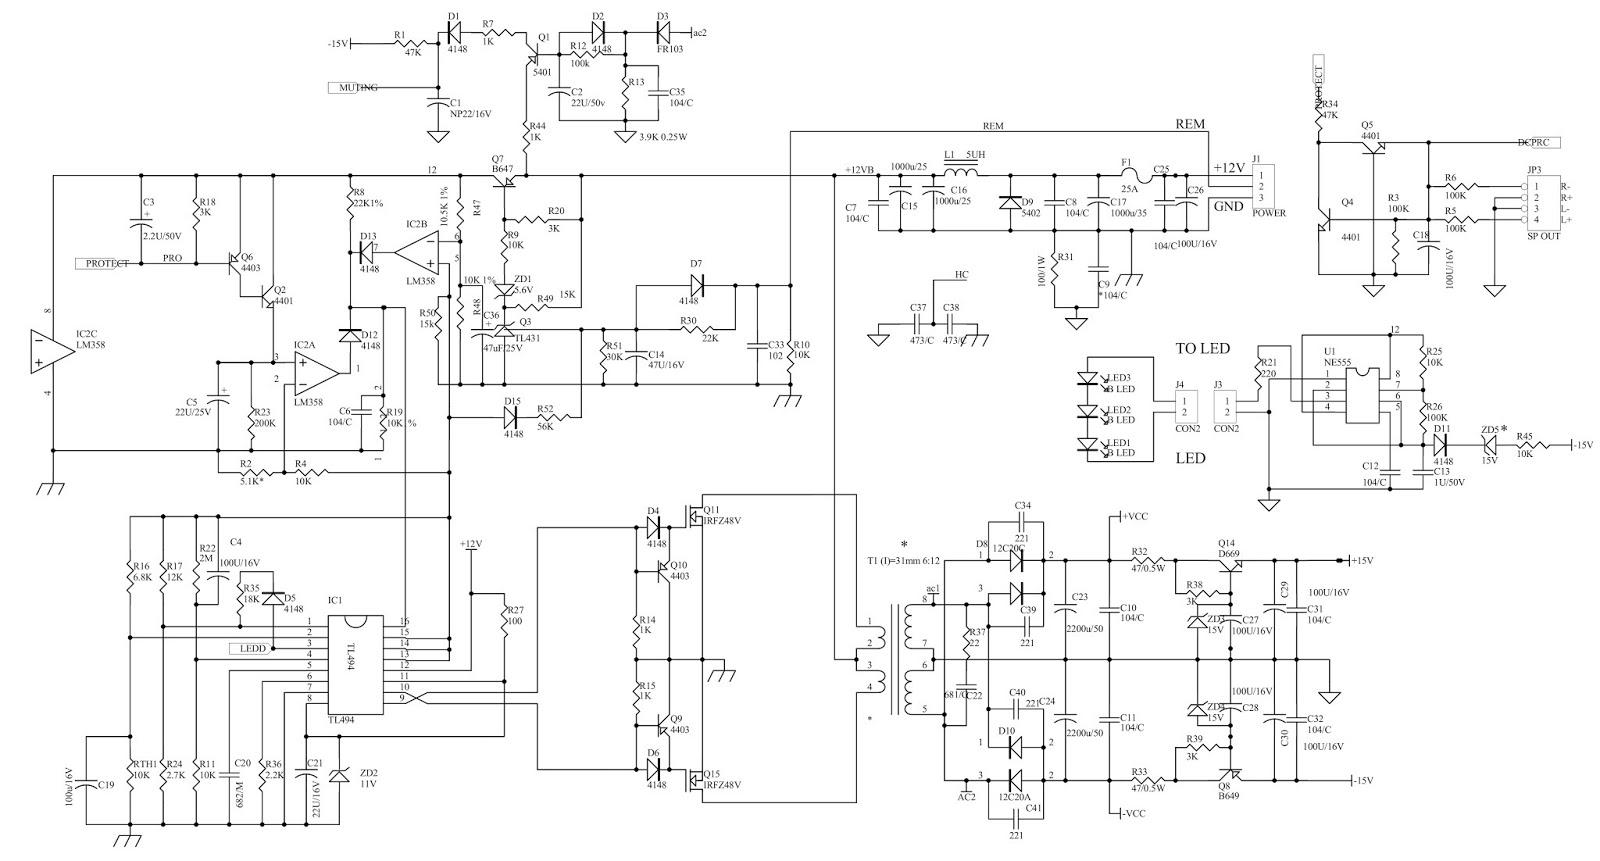 harley davidson speaker wiring diagrams free download wiring diagram [ 1600 x 861 Pixel ]